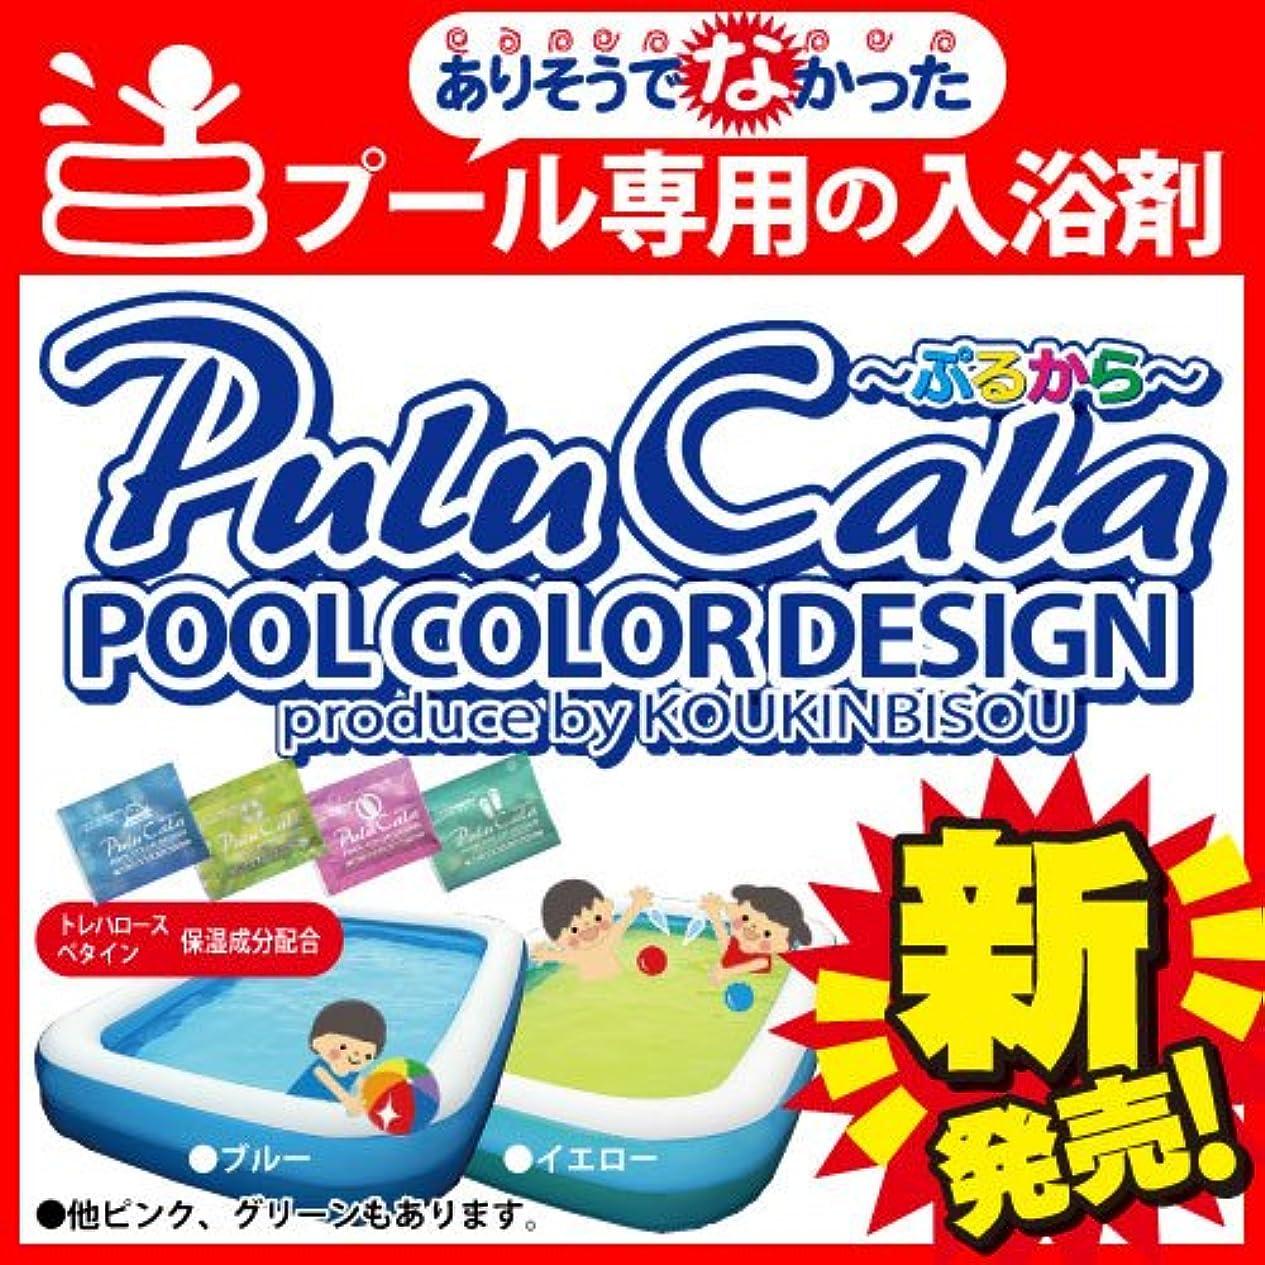 きちんとした時々時々フォーマット【プール専用入浴剤】ぷるから ブルー10回分セット(25g×10) 目や口に入っても大丈夫!